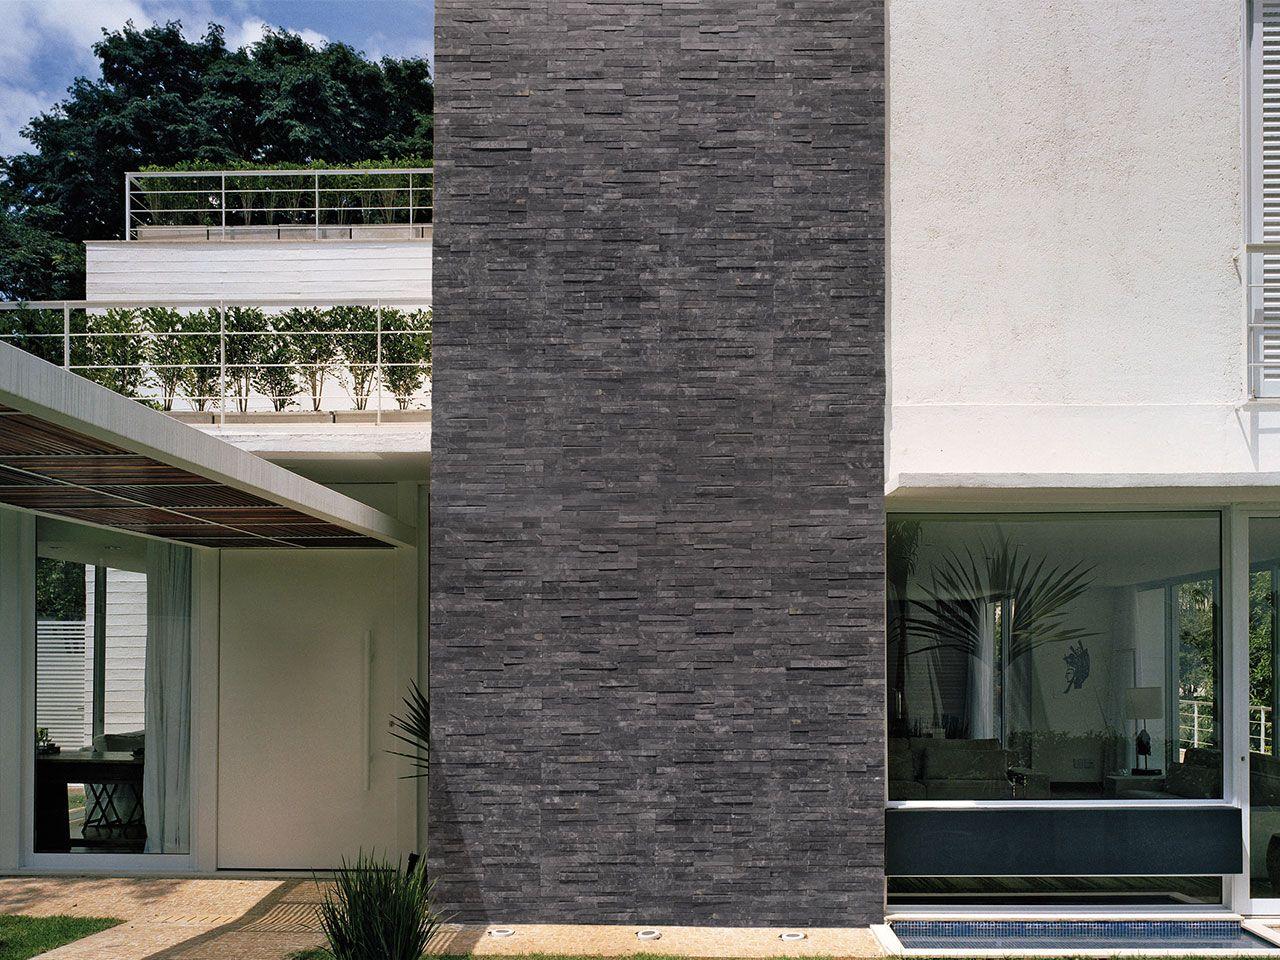 Rivestimento Esterno Casa : Rivestimenti esterno casa ocrarossa rivestimento casa esterno